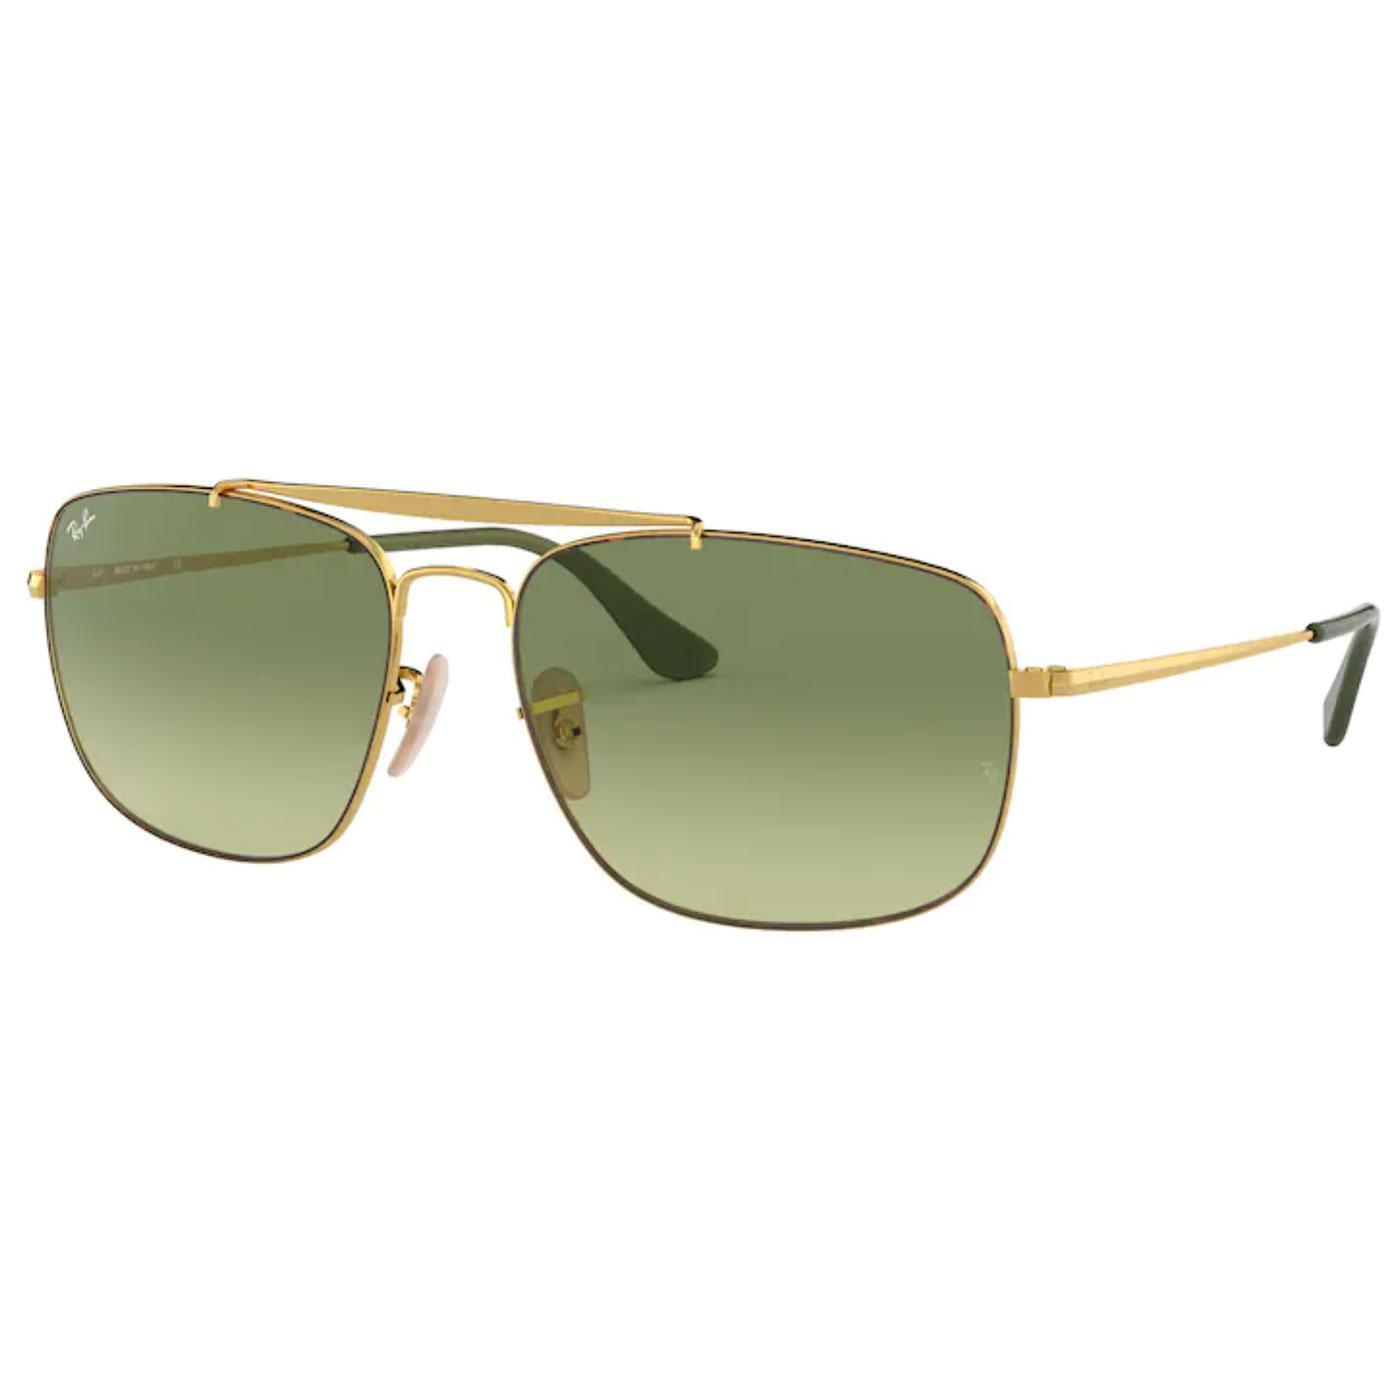 The Colonel RAY-BAN Iconic Retro Sunglasses (G/G)